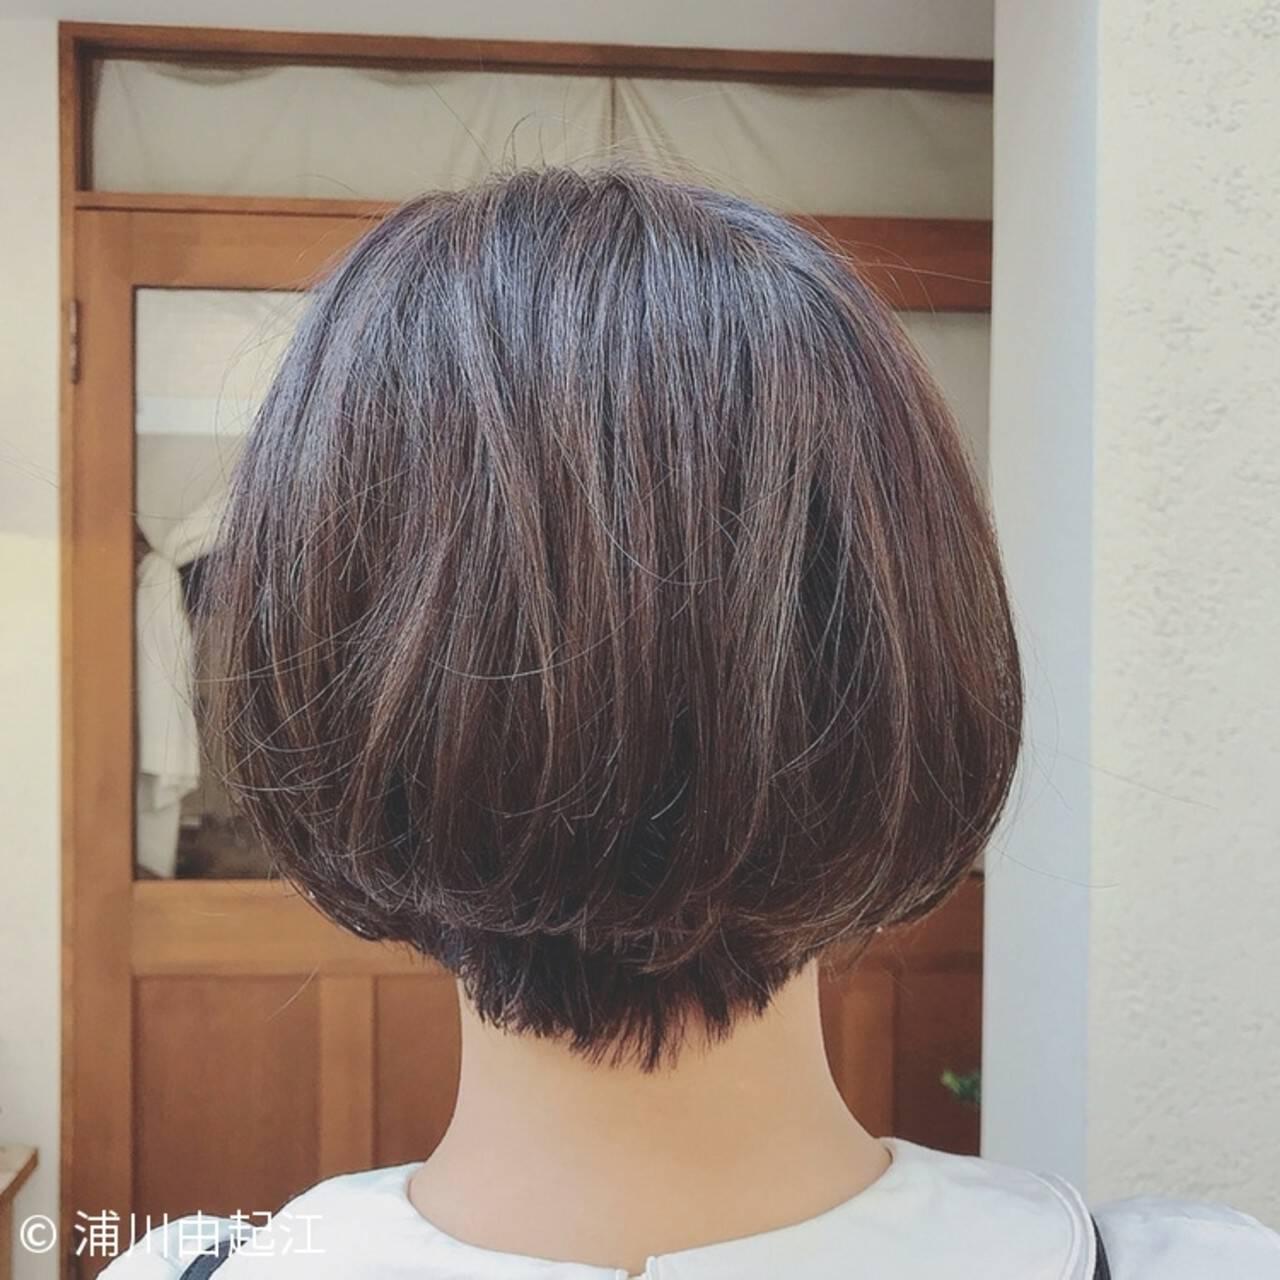 ナチュラル デート 外国人風 ハイライトヘアスタイルや髪型の写真・画像